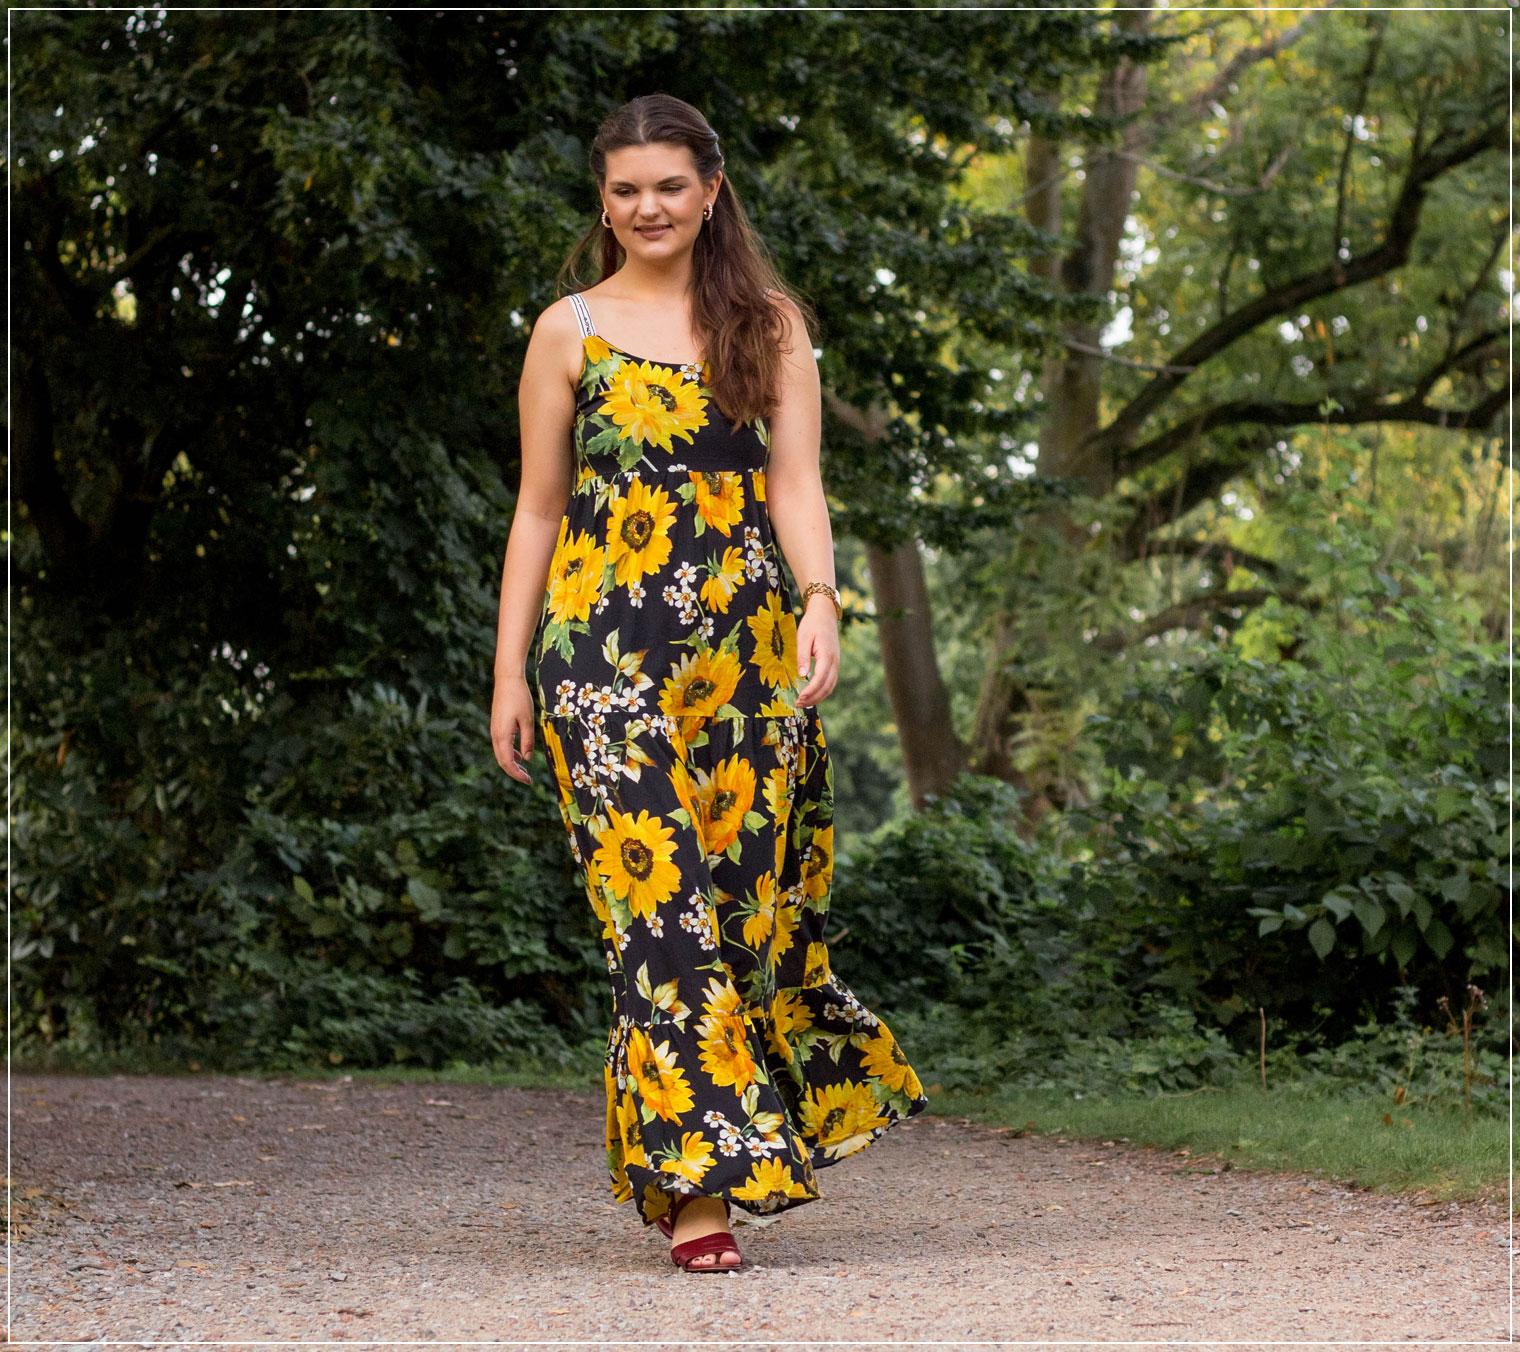 Sommerkleider, Sommeroutfit, Kleider fuer jede Figur, Sommerkleider unter 100, Shopping Inspiration, Herbstmode, Modetrends, Fashion, Modeblog, Ruhrgebiet, Herbstmode, Bloggerin, Fashionblog